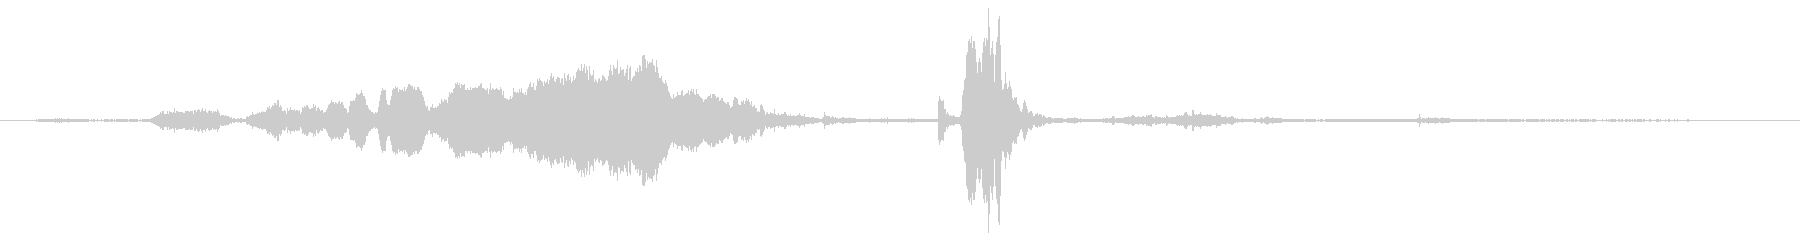 ロバ ブレイスロー03の未再生の波形